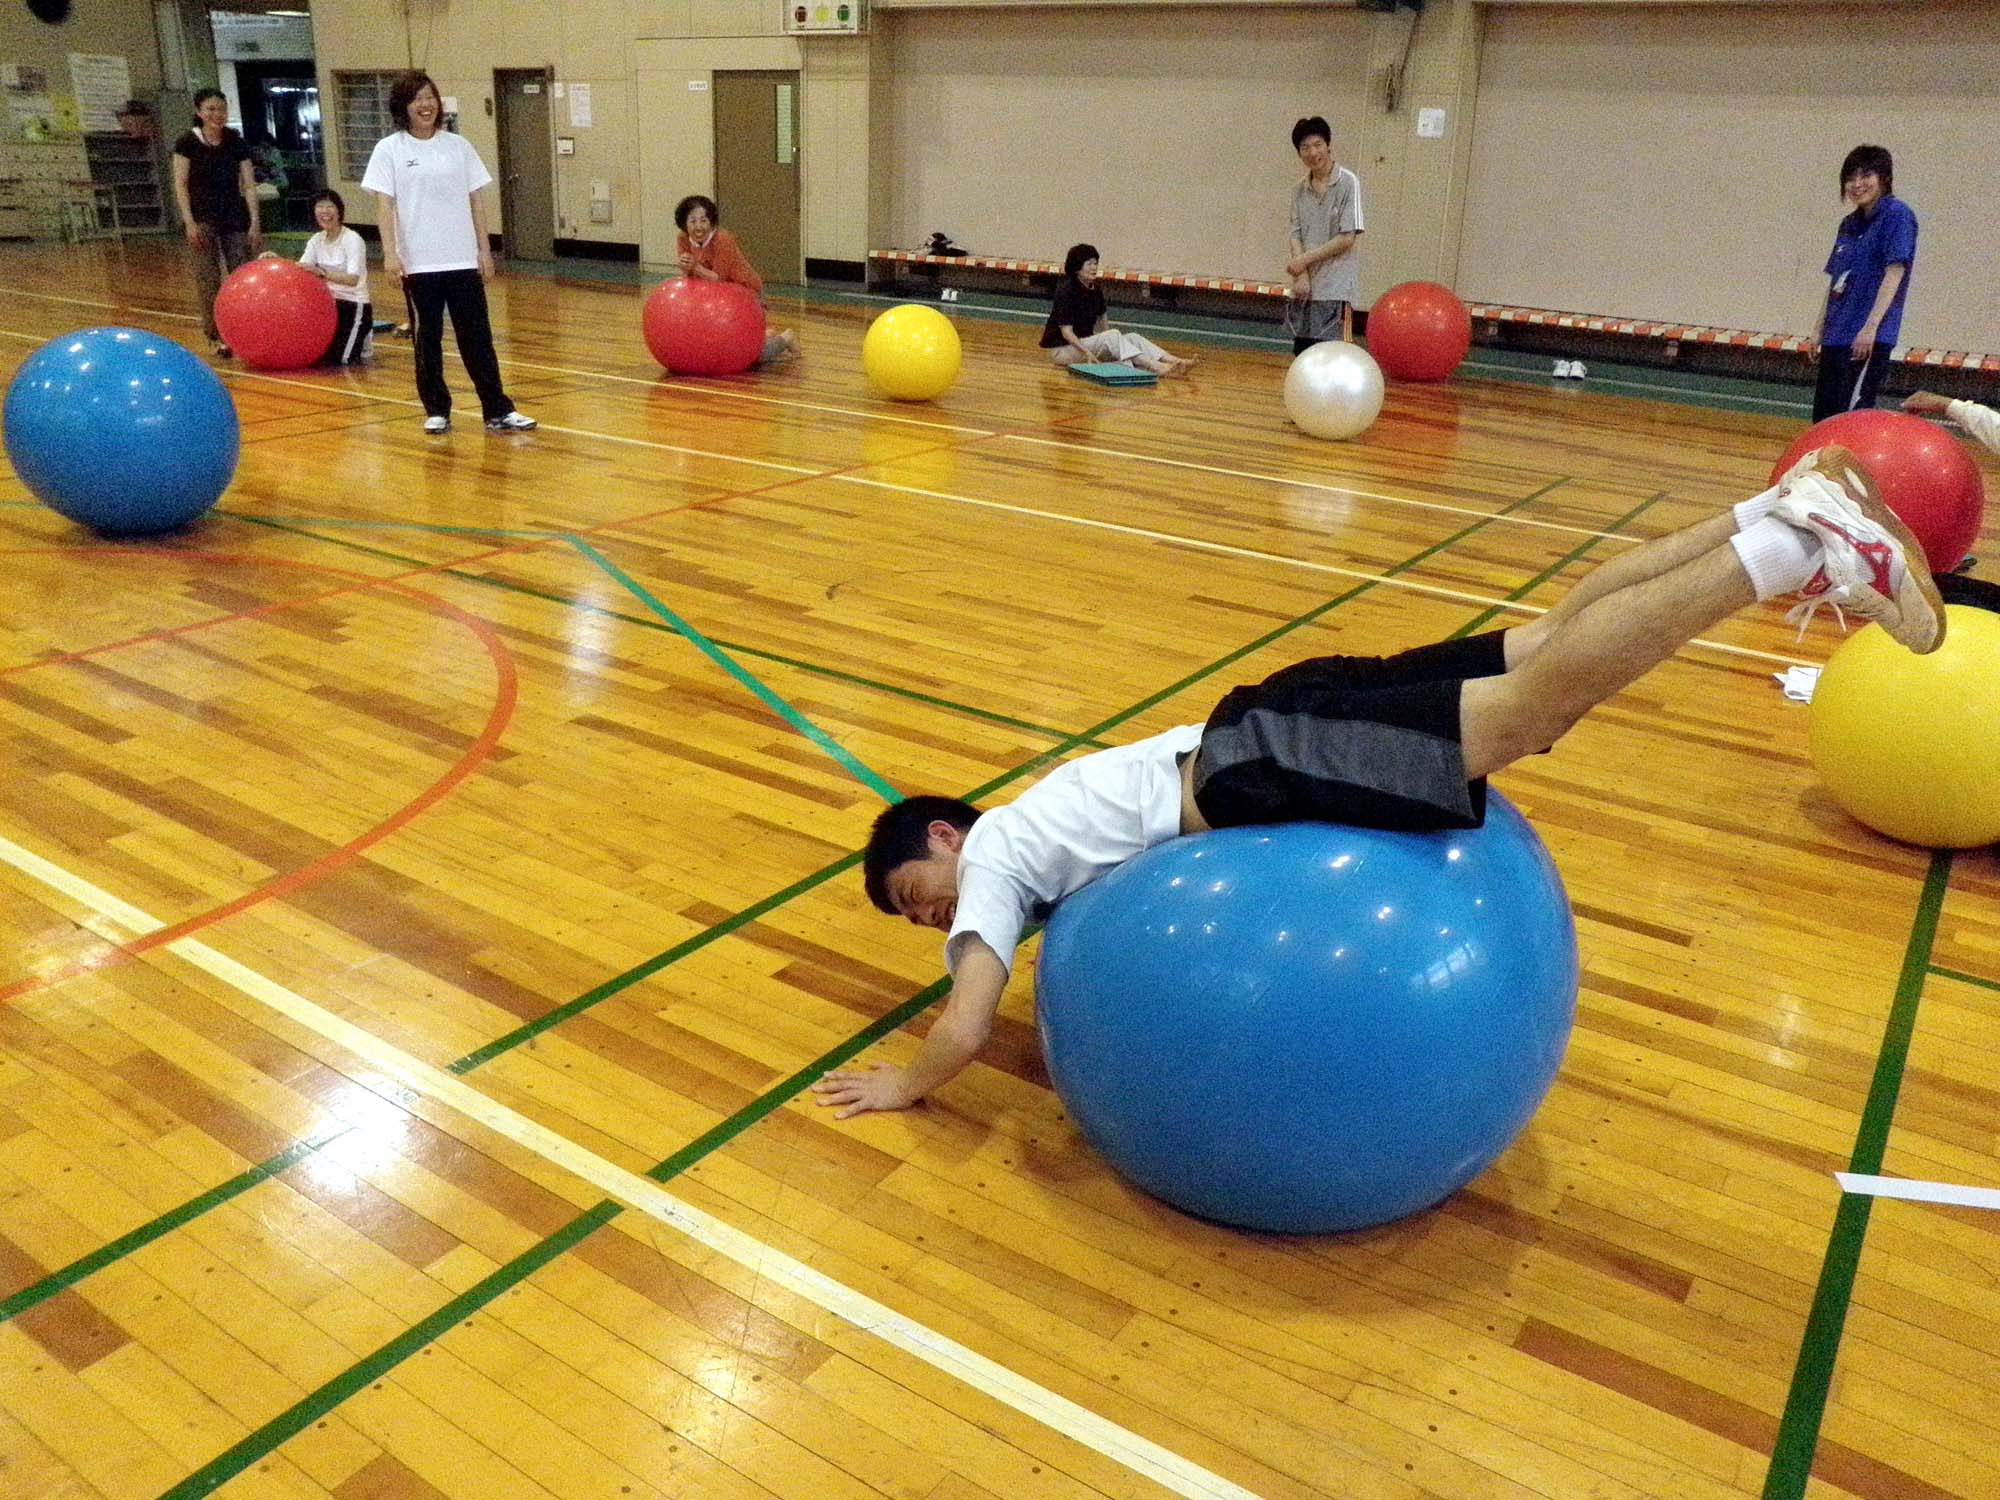 P5180089 - バランスボール教室より ・・・八木先生と楽しく行っています。